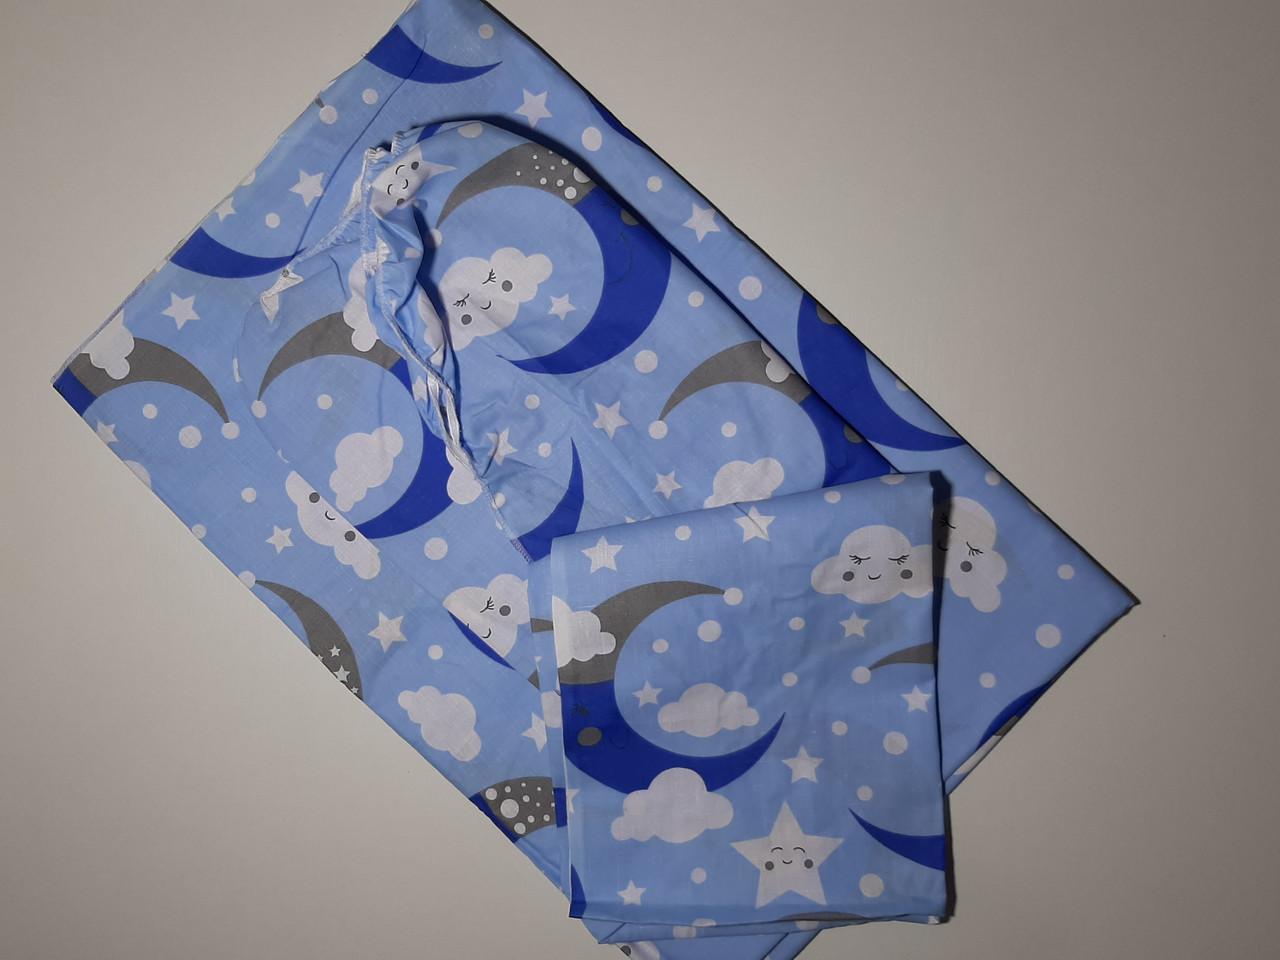 Сменный комплект детский рисунок голубой (месяц, звезды)